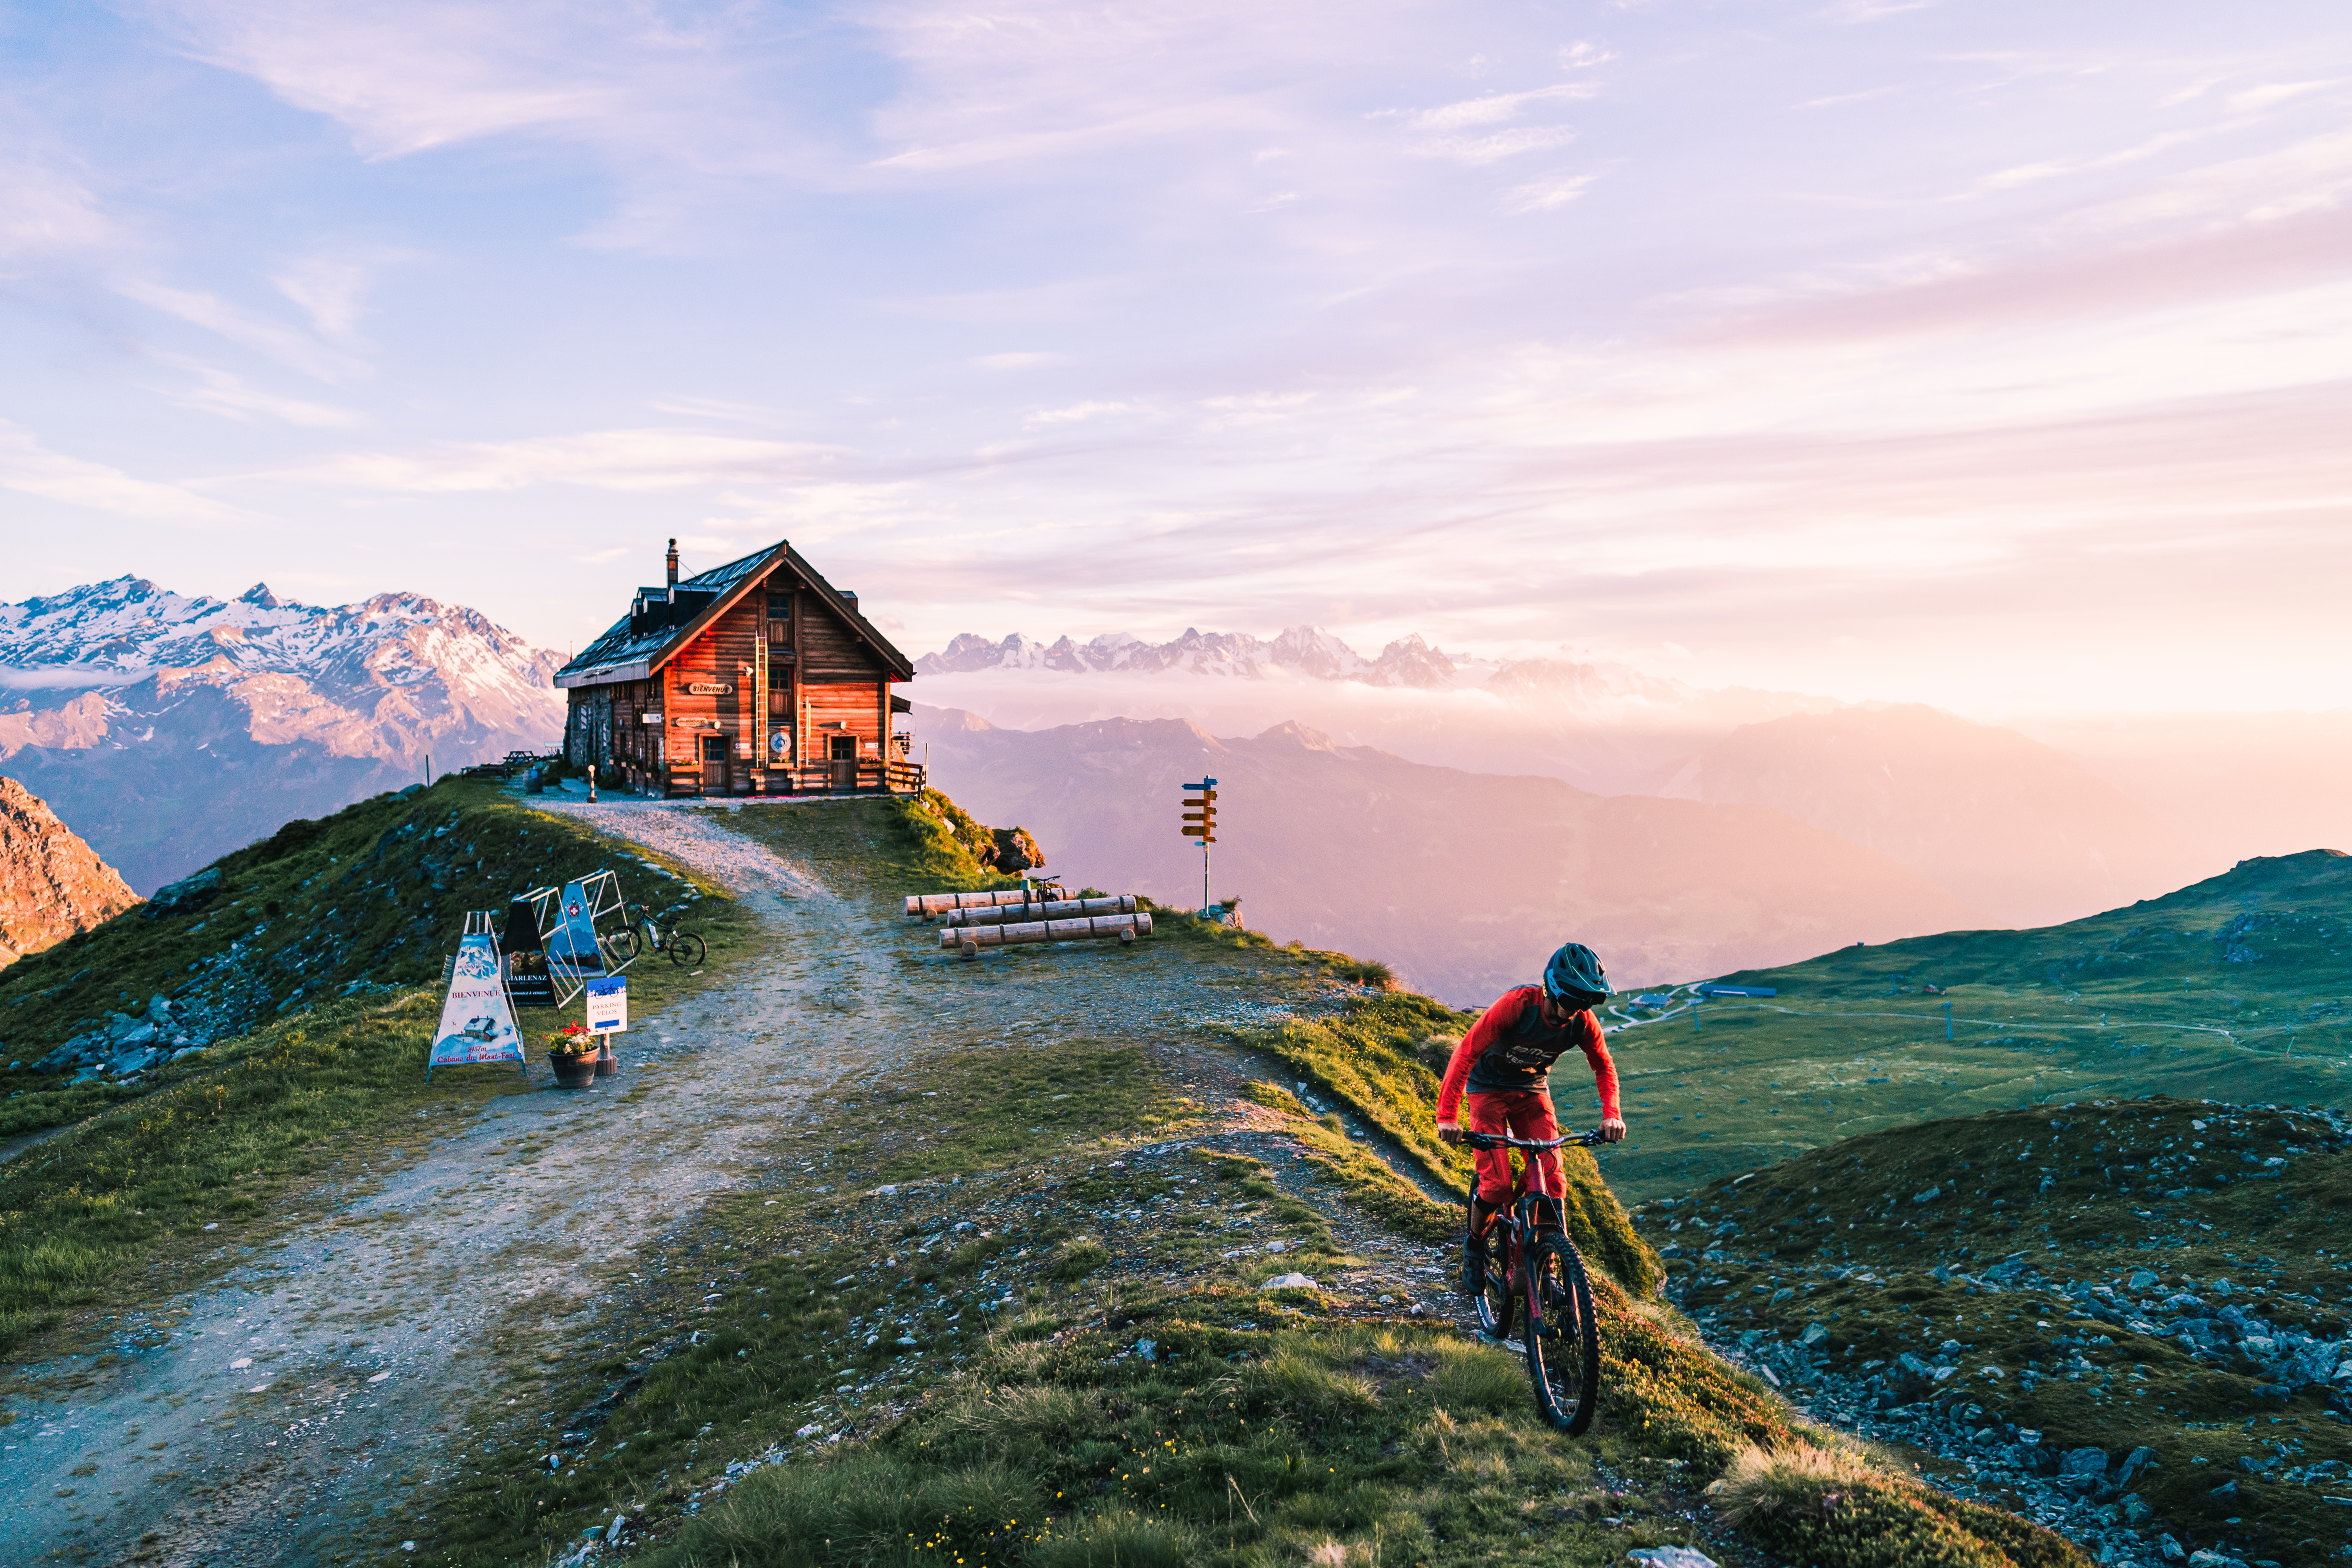 Les plus belles cabanes de montagne de Suisse - Cabane du Mont-Fort en Valais